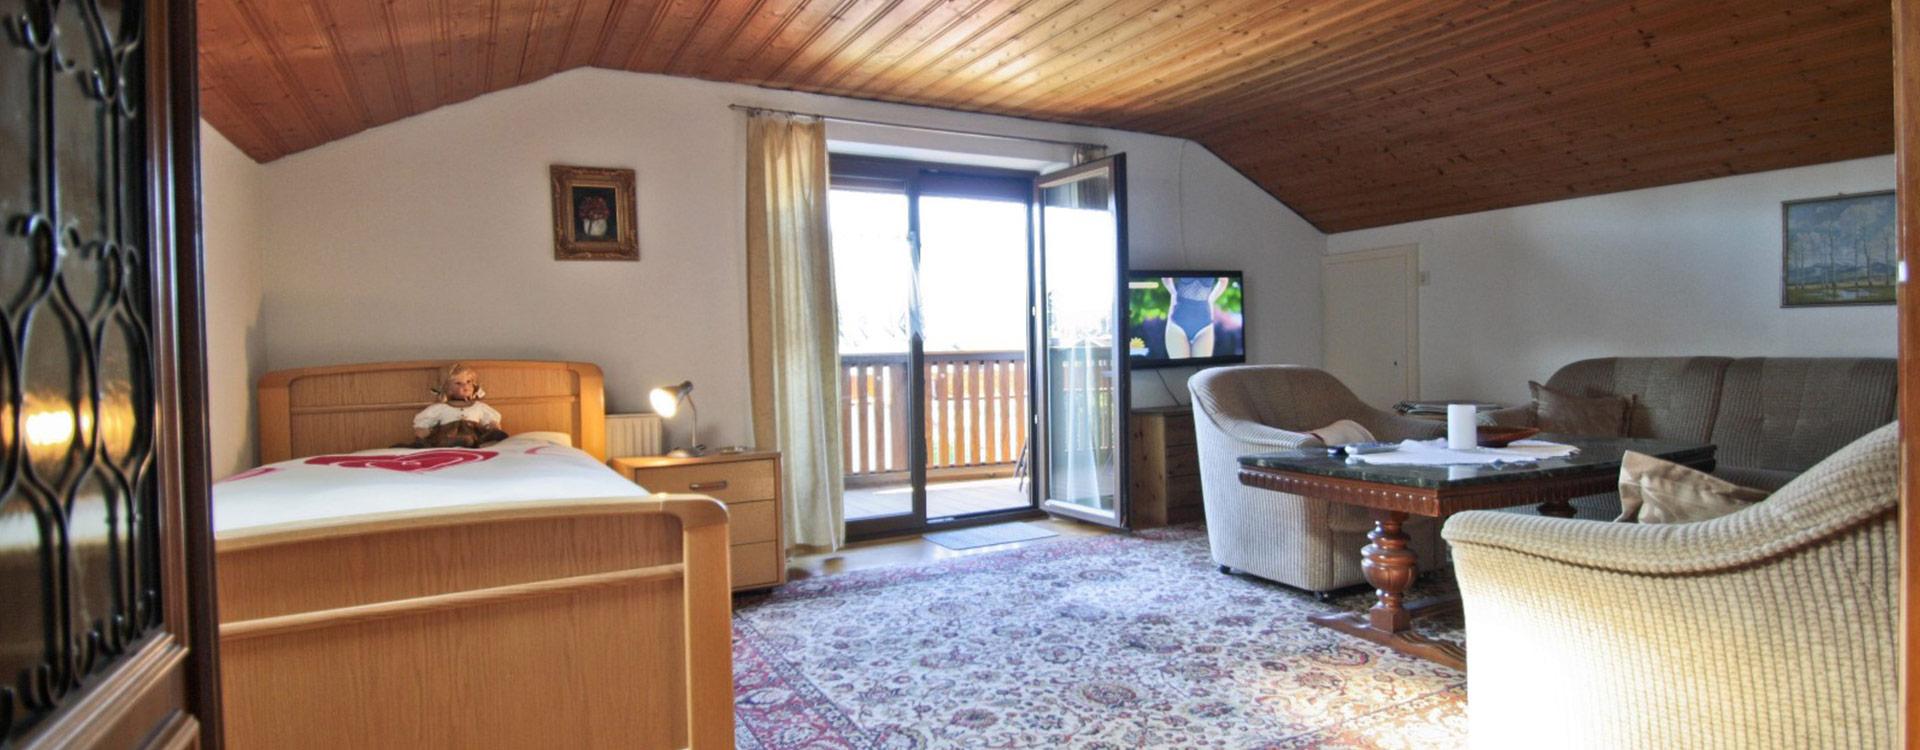 Ferienwohnung Bergblick Kleine Wohnung In Prien Am Chiemsee